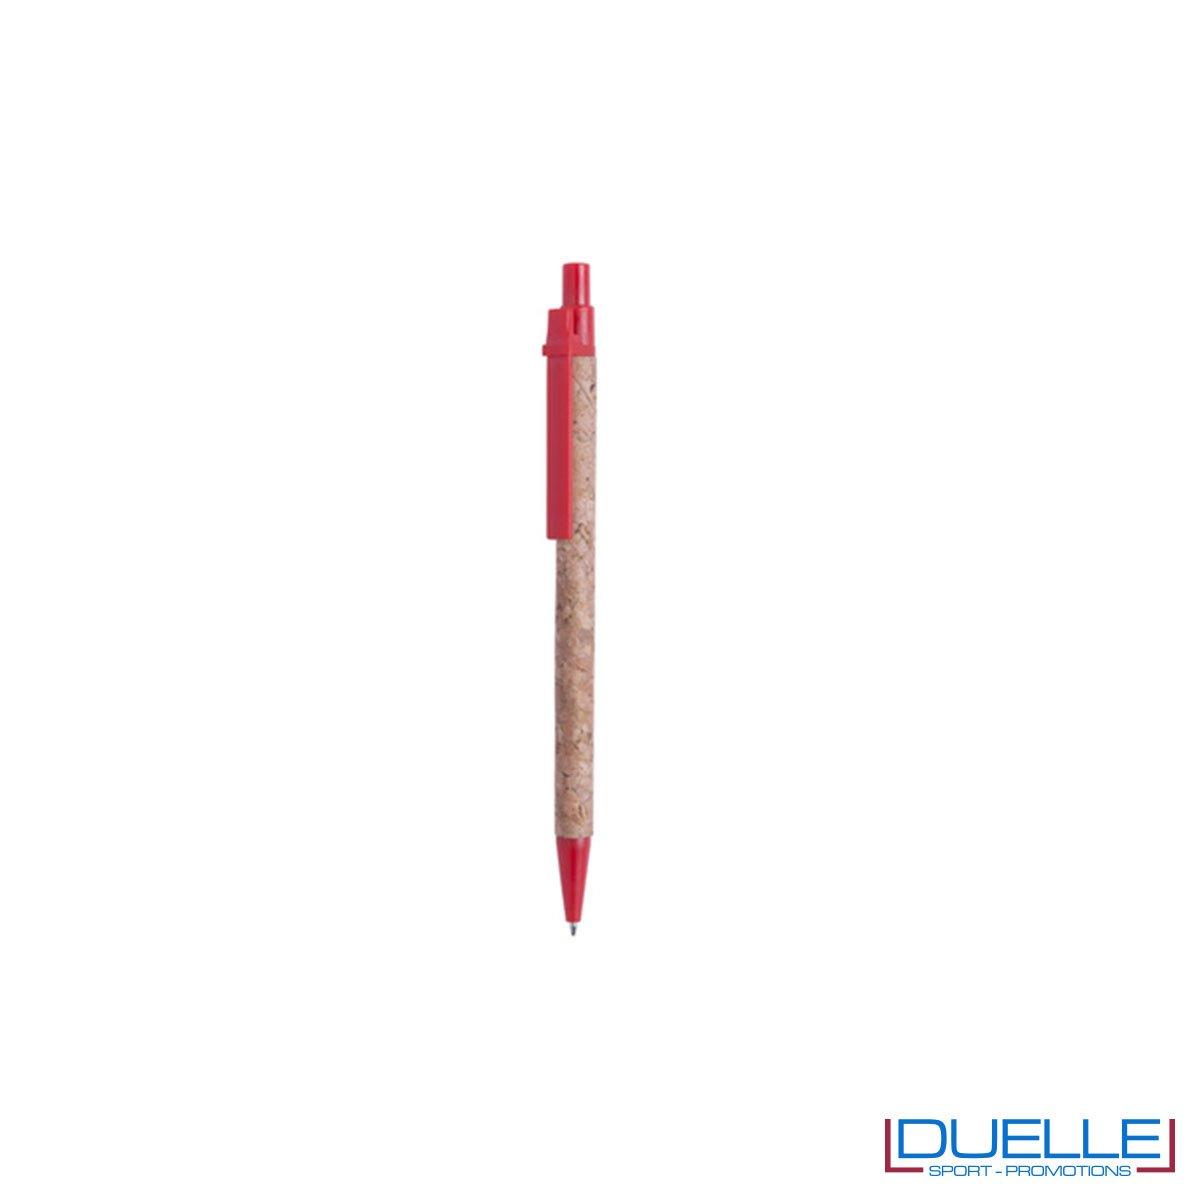 Penna promozionale in sughero con particolari colore rosso e refill blu